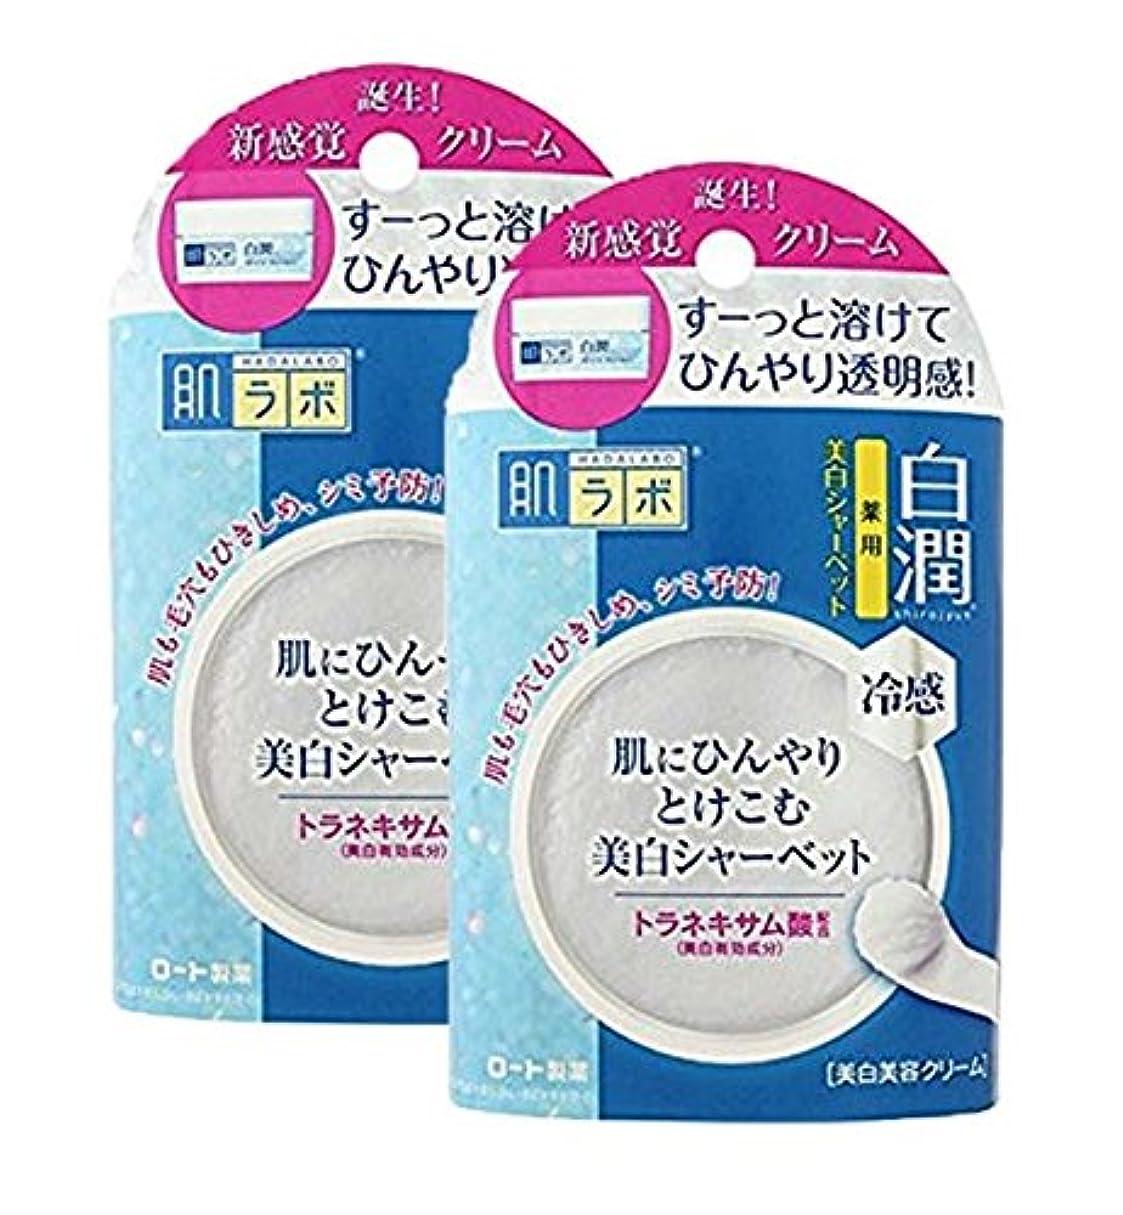 インタビュー弱まる仮称肌ラボ 白潤 冷感美白シャーベット30g (医薬部外品)×2